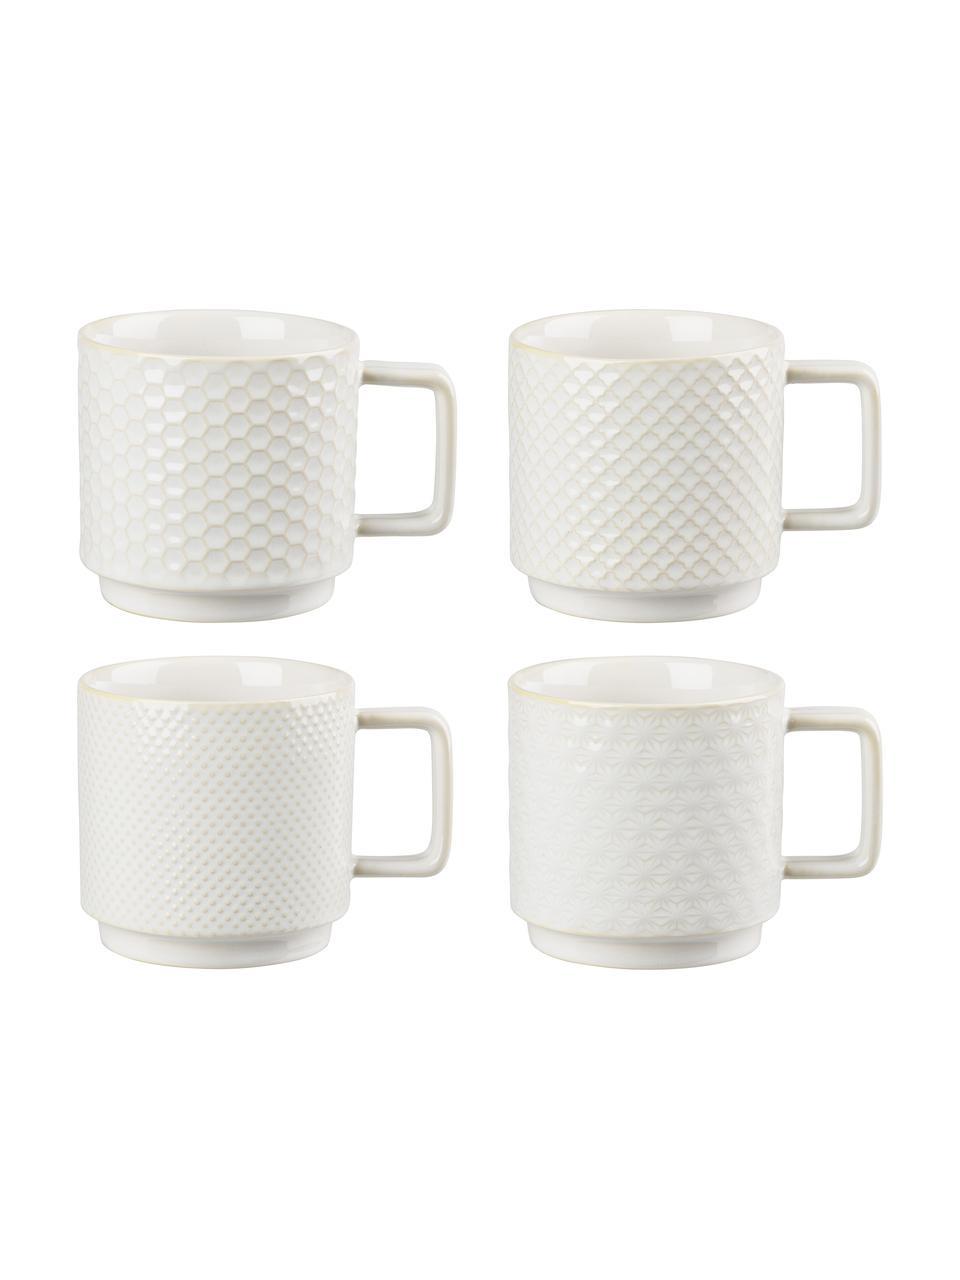 Große gemusterte Tassen Lara in verschiedenen Größen, 4er-Set, Steingut, Gebrochenes Weiß, Ø 10 x H 10 cm